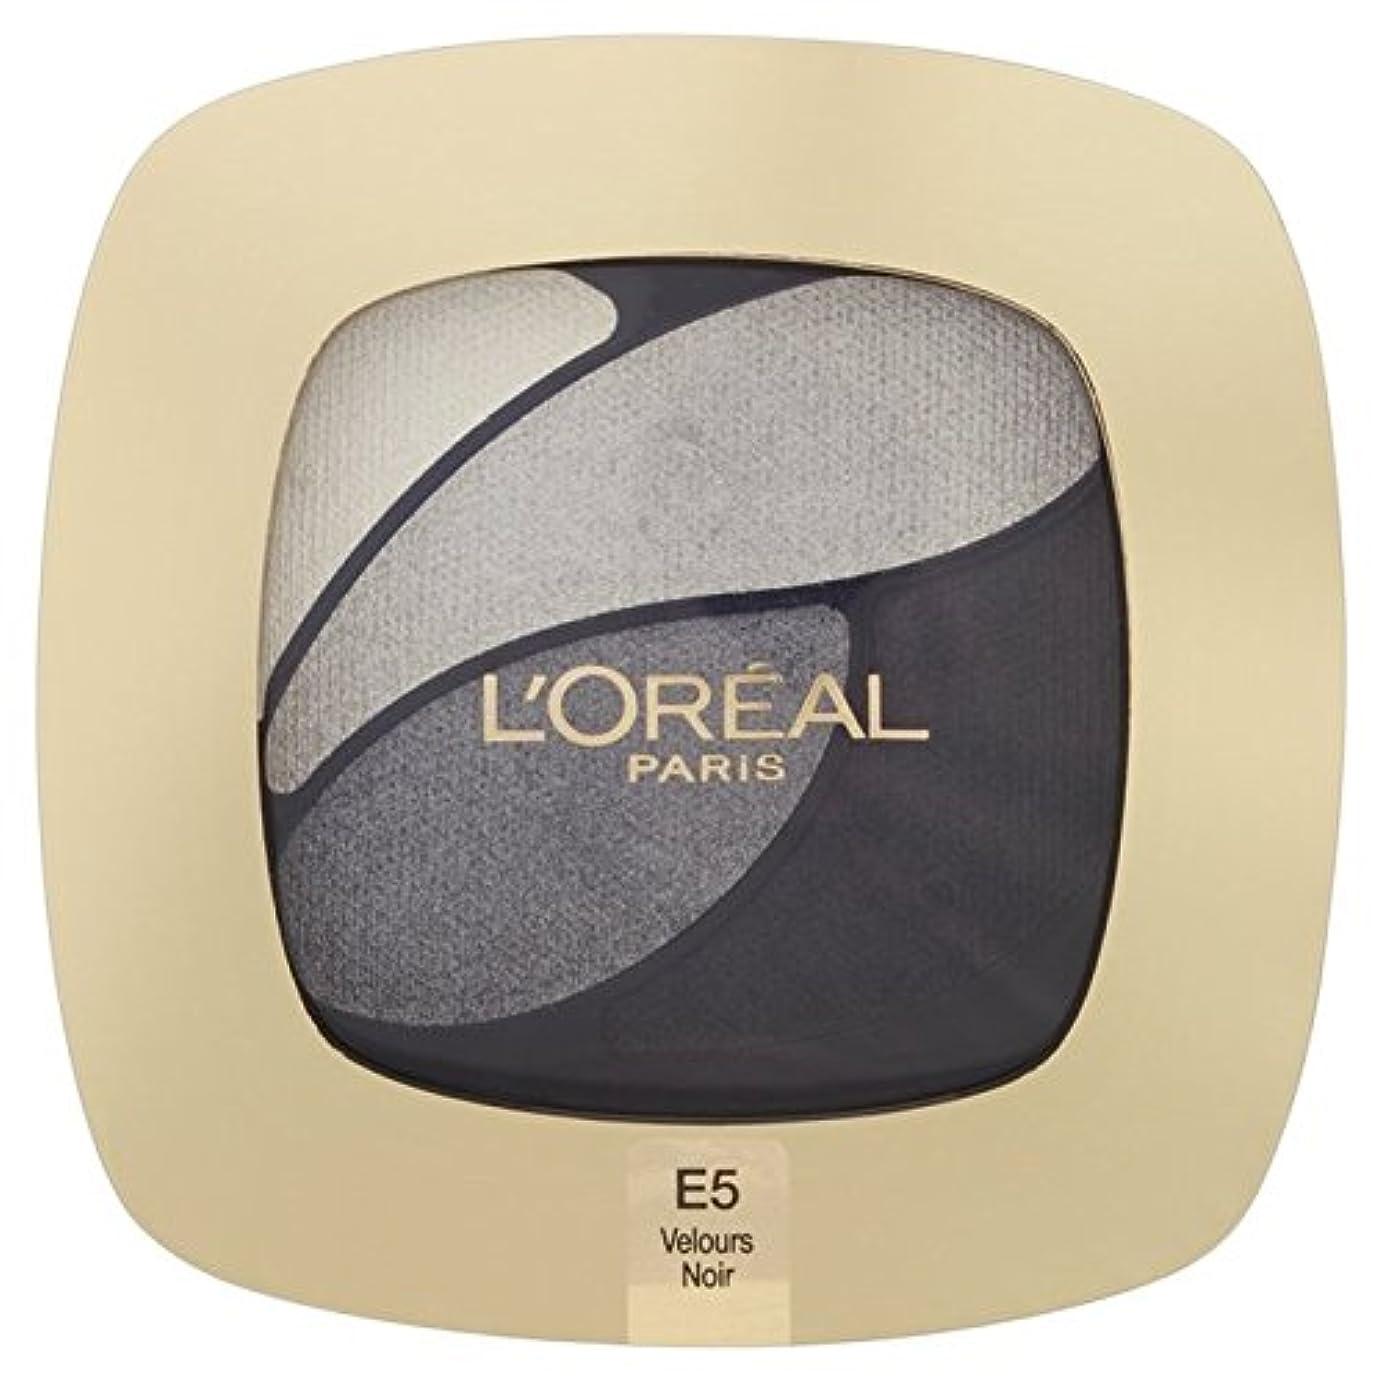 恨み出血科学者L'Oreal Paris Color Riche Quad, E5 Incredible Grey 30g - ロレアルパリのカラーリッシュクワッド、5信じられないほどの灰色の30グラム [並行輸入品]